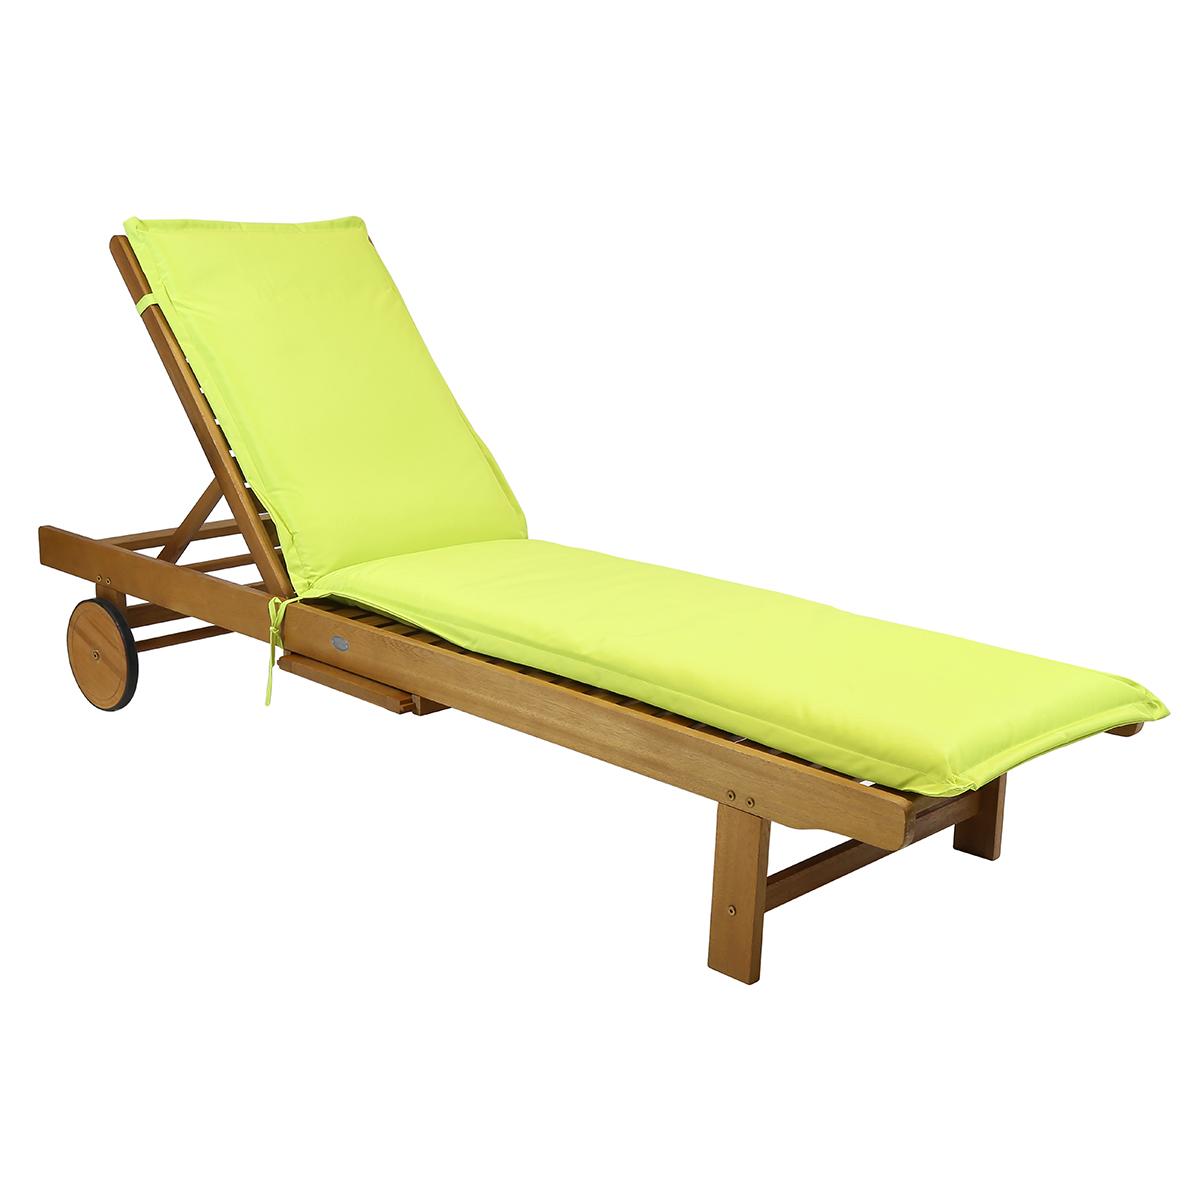 polster auflage f r gartenliege verschiedene farben ebay. Black Bedroom Furniture Sets. Home Design Ideas